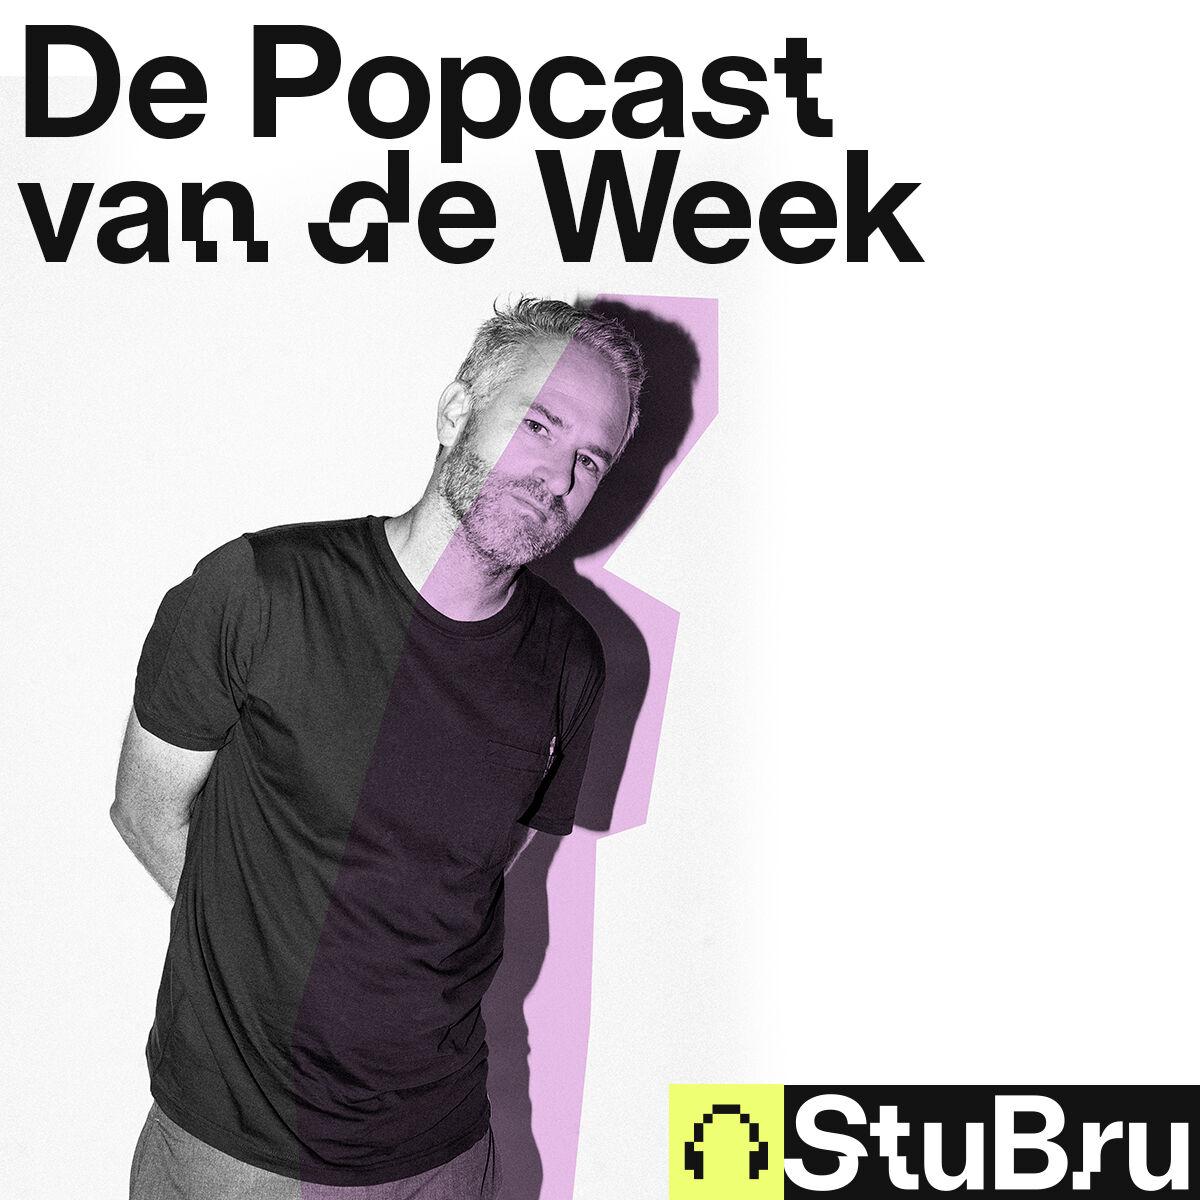 De Popcast van de Week logo